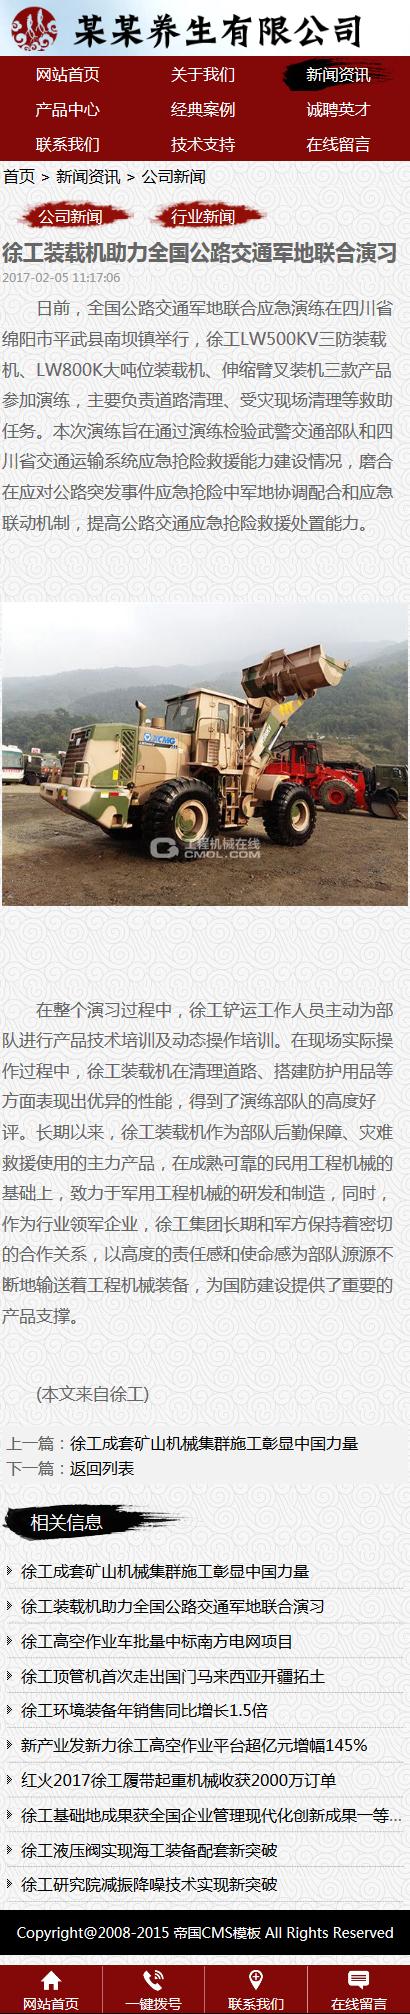 帝国cms公司企业wap手机模板红色系_新闻内容